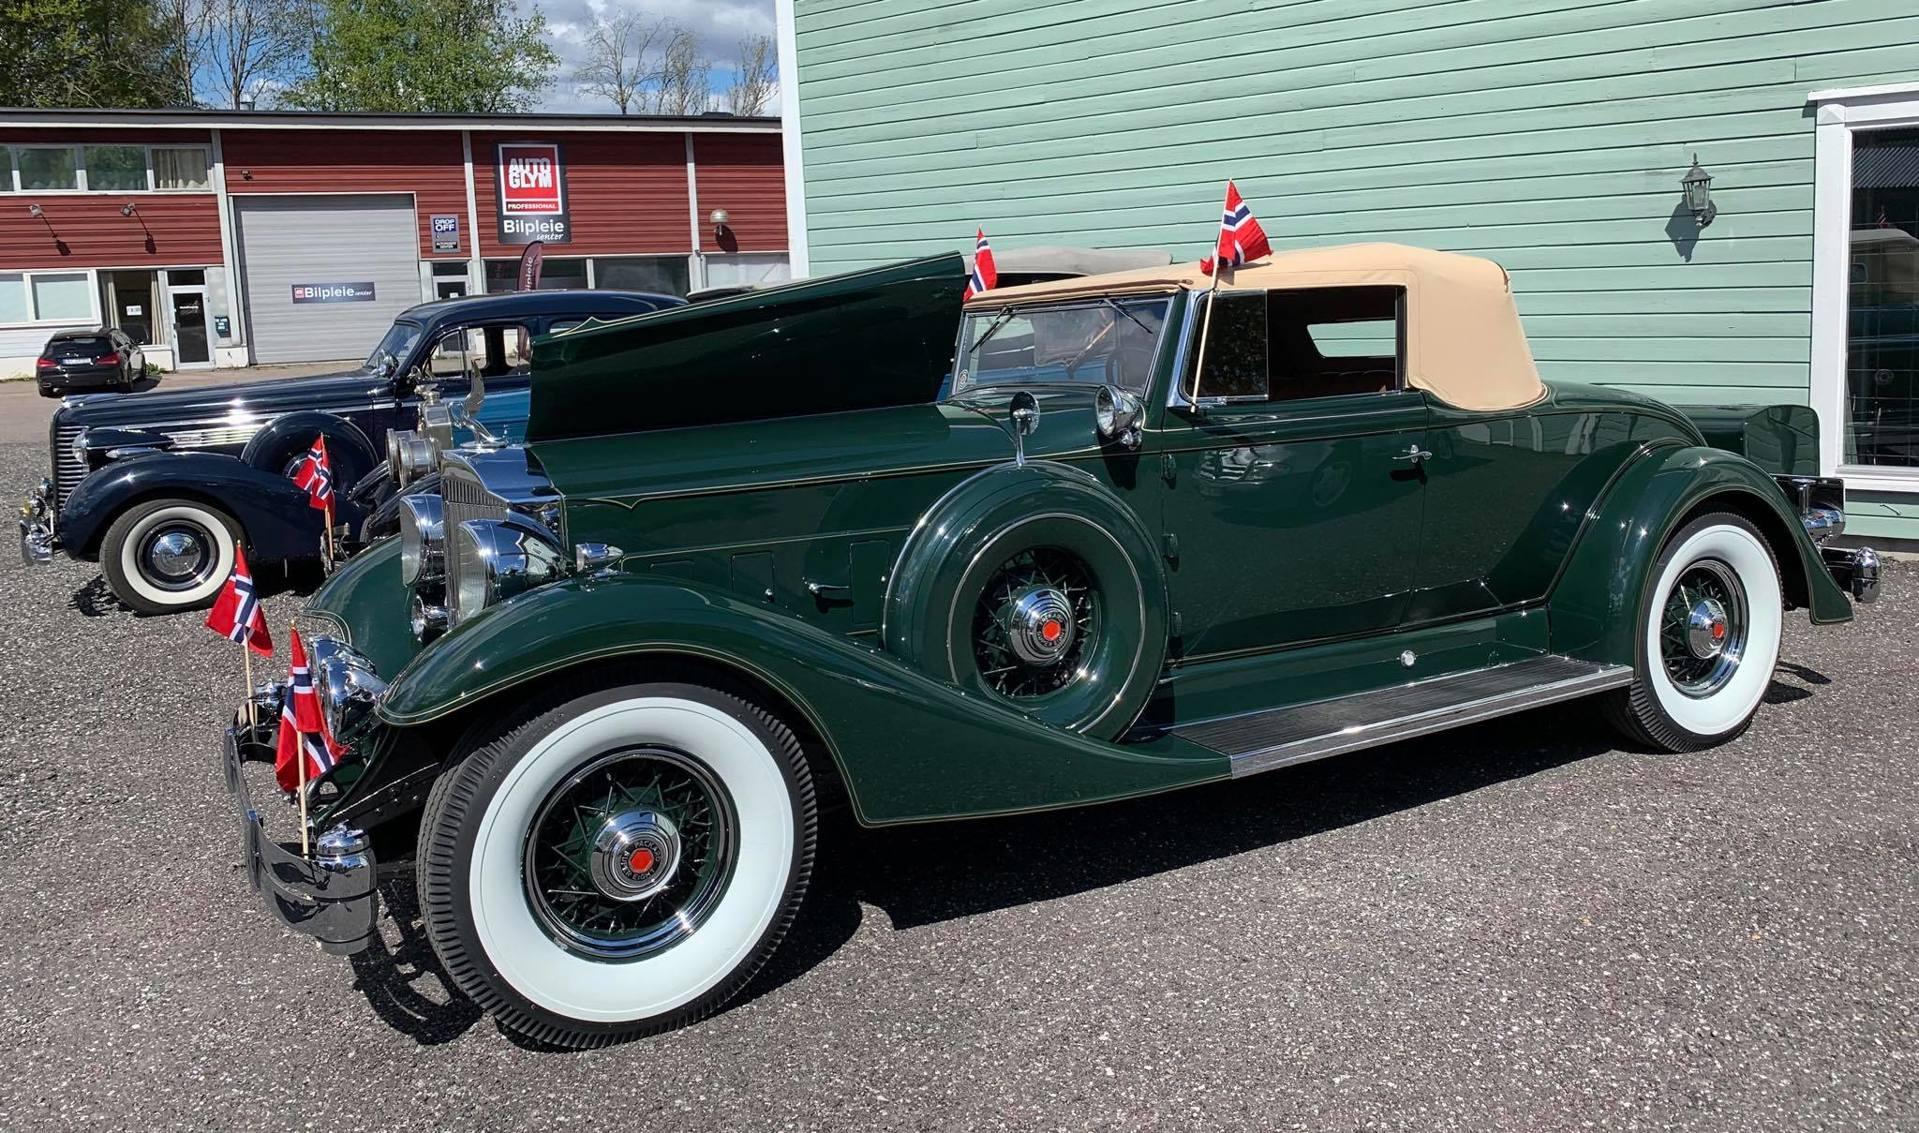 Bilde 2 Packard-Ole Jensen.jpg